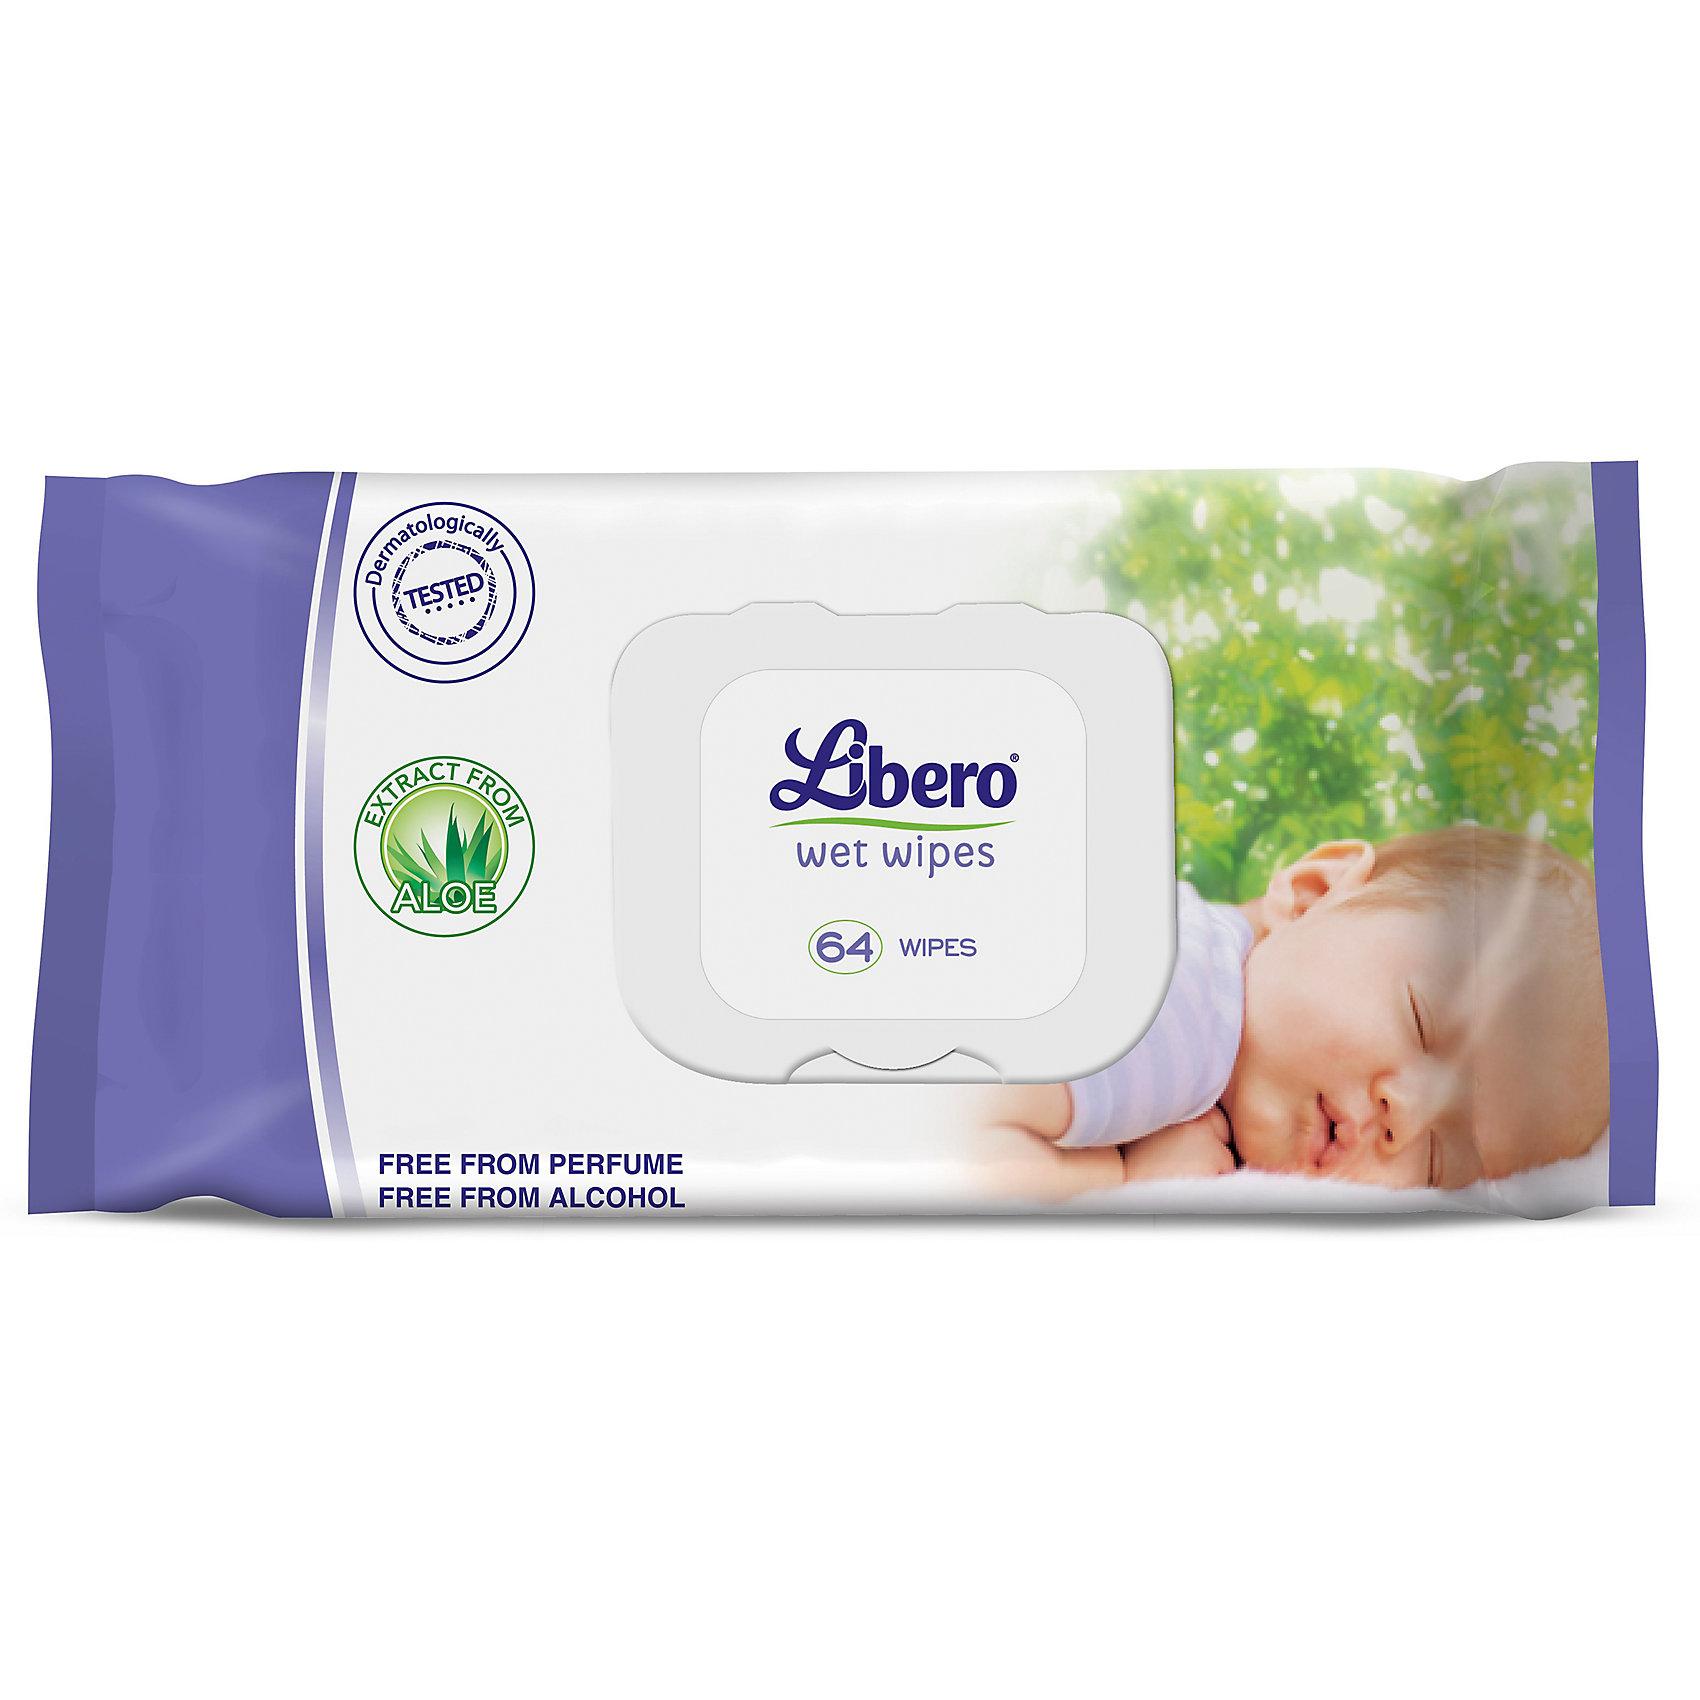 Влажные салфетки Libero с Алоэ, сменный блок, 64 шт.Влажные салфетки Libero Wet Wipes сменный блок, 64 шт.<br><br>Характеристики:<br><br>• содержат экстракт алоэ<br>• бережно очищают кожу малыша<br>• не вызывают раздражения<br>• размер упаковки: 19х5,5х10 см<br>• количество: 64 шт.<br><br>Салфетки  Libero Wet Wipes бережно очищают кожу малыша и не вызывают раздражения на коже. Экстракт алоэ успокоит кожу ребенка. Сменный блок позволит вам доставать салфетки максимально удобно, не отвлекаясь от крохи. Салфетки  Libero Wet Wipes отлично подходят для первых гигиенических процедур.<br><br>Влажные салфетки Libero Wet Wipes сменный блок, 64 шт. вы можете купить в нашем интернет-магазине.<br><br>Ширина мм: 50<br>Глубина мм: 172<br>Высота мм: 110<br>Вес г: 406<br>Возраст от месяцев: 0<br>Возраст до месяцев: 84<br>Пол: Унисекс<br>Возраст: Детский<br>SKU: 3517662